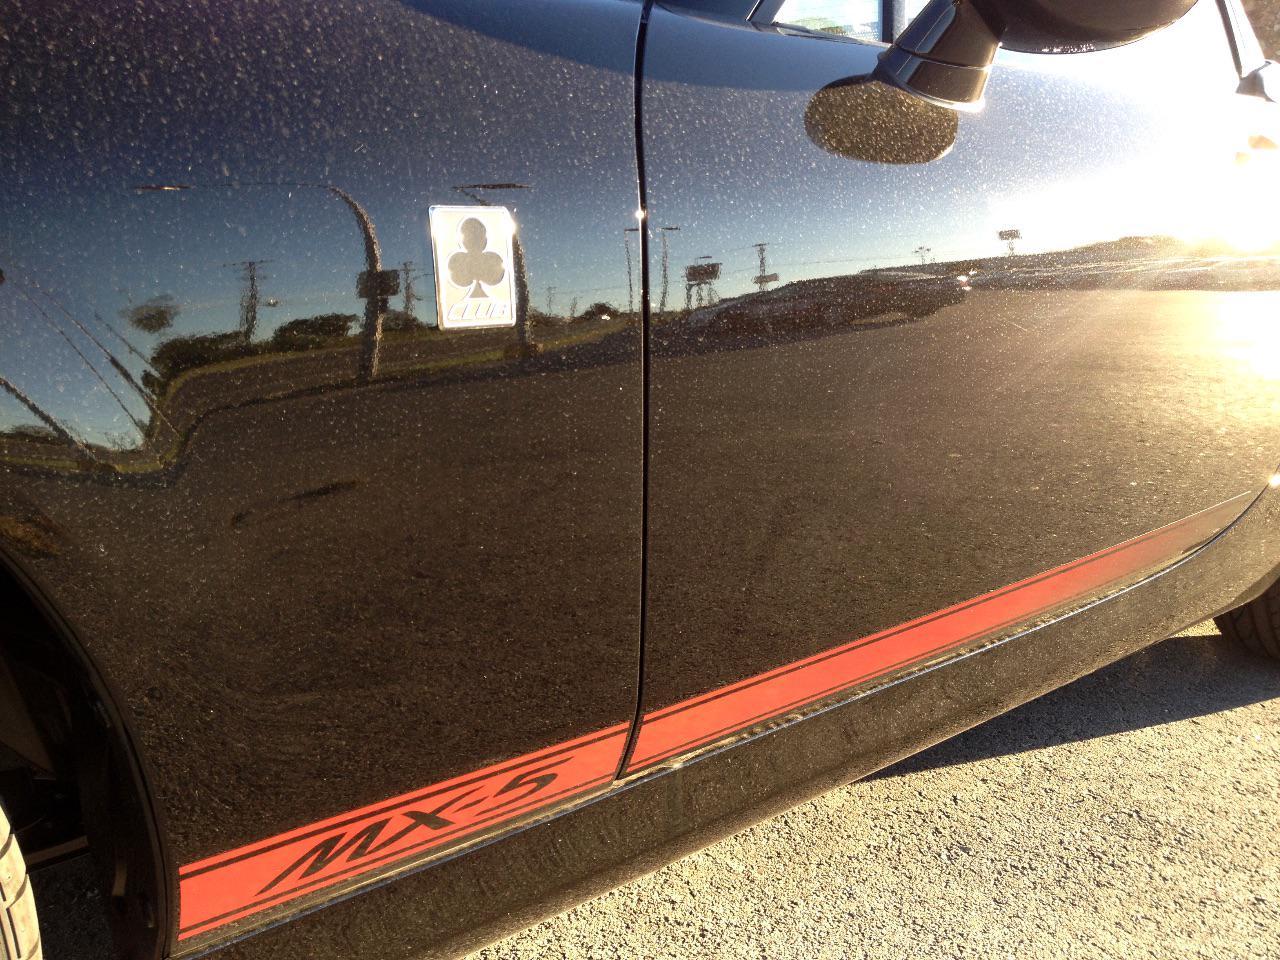 2013 Mazda MX-5 - Badging